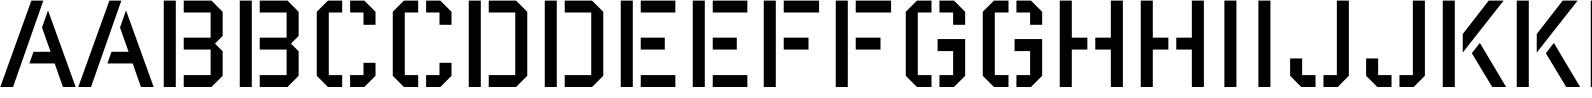 Reload Stencil